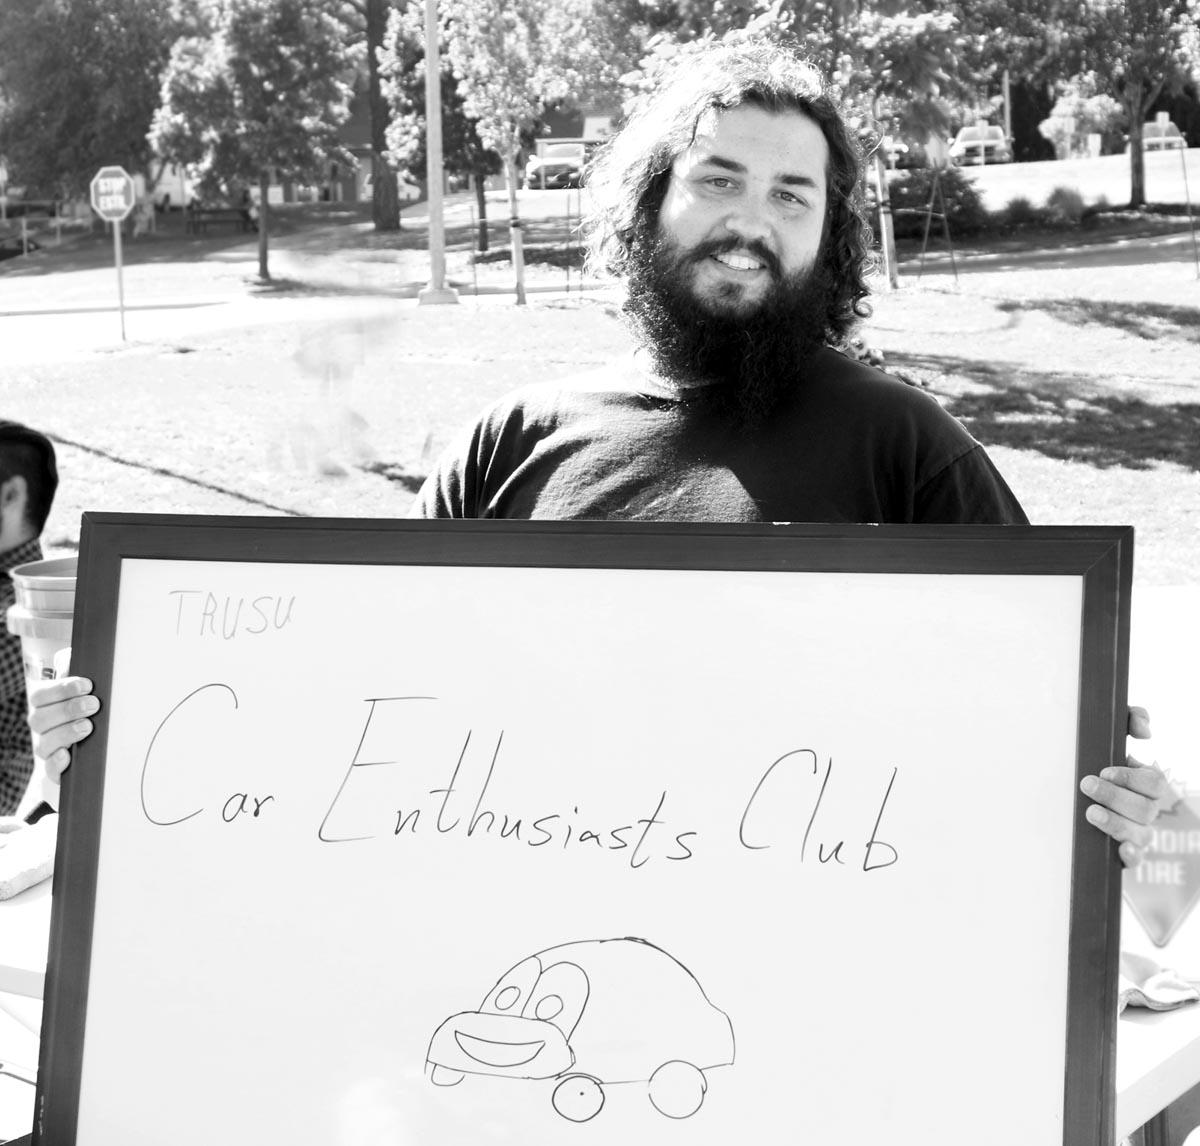 Car Enthusiasts Club